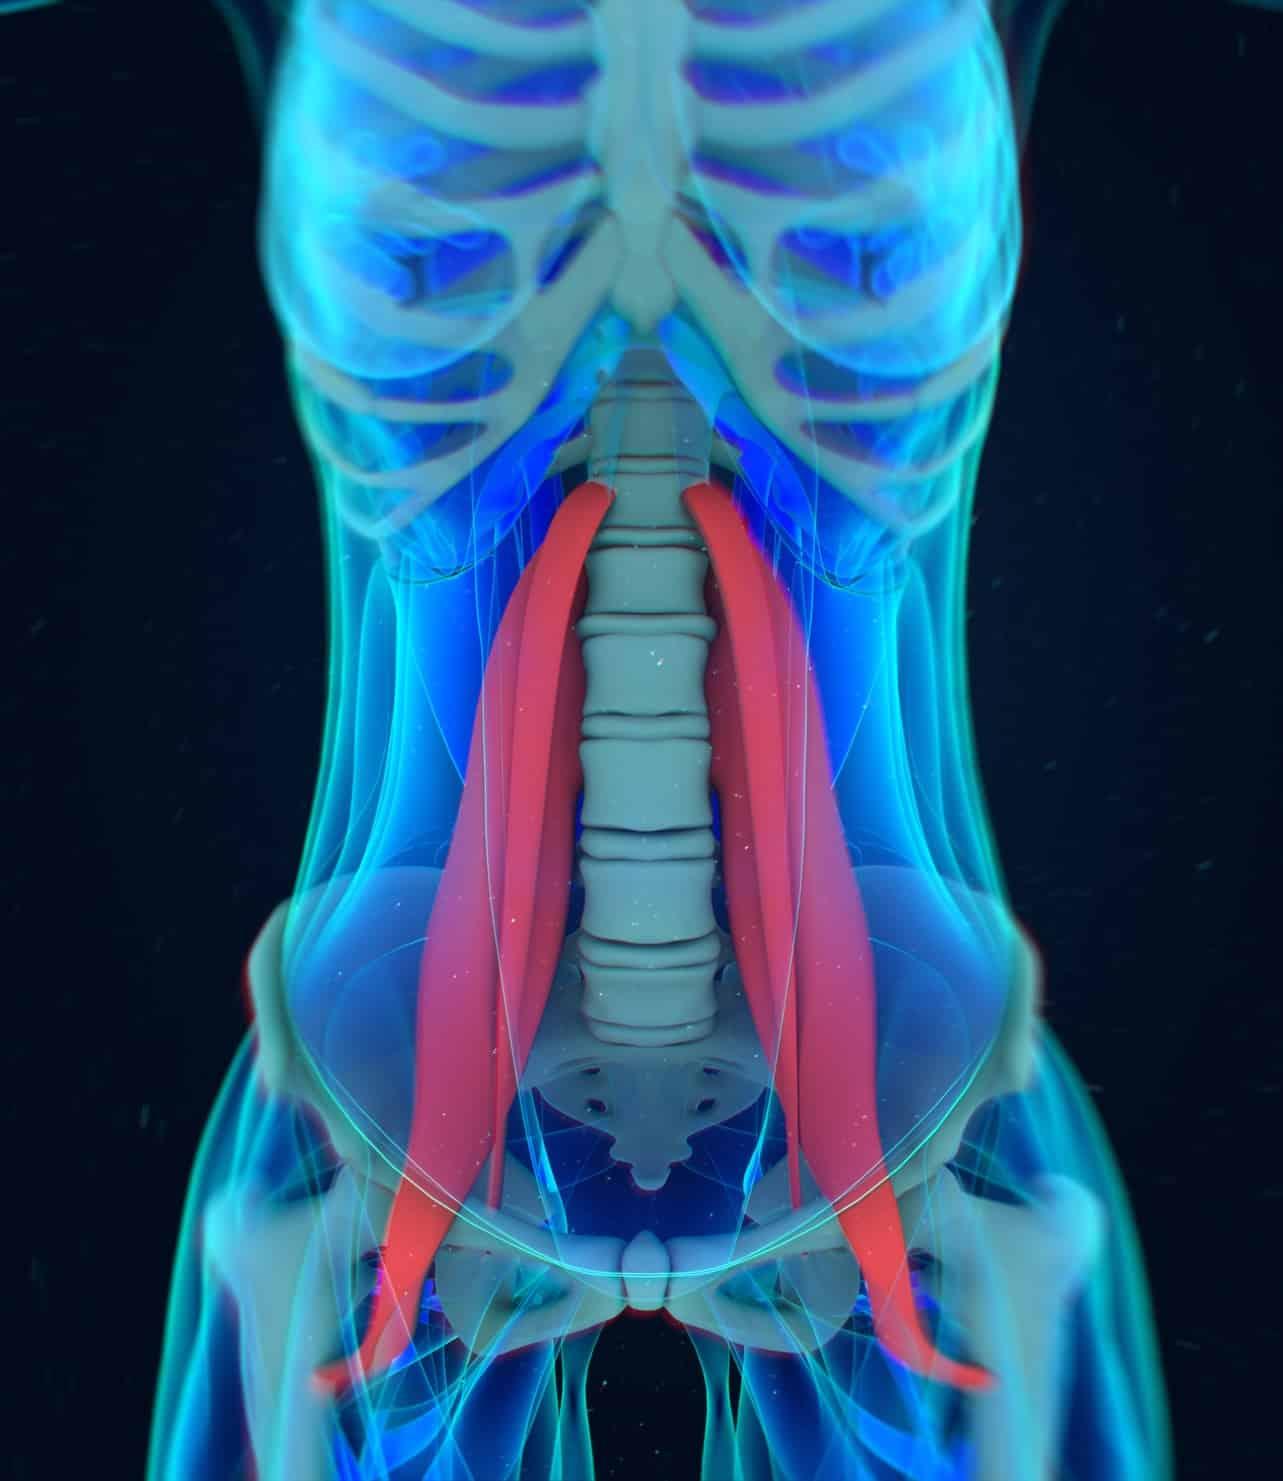 Darm ohne Charme - Rückenschmerzen und dein Darm - Stefan Rieth ACADAMY